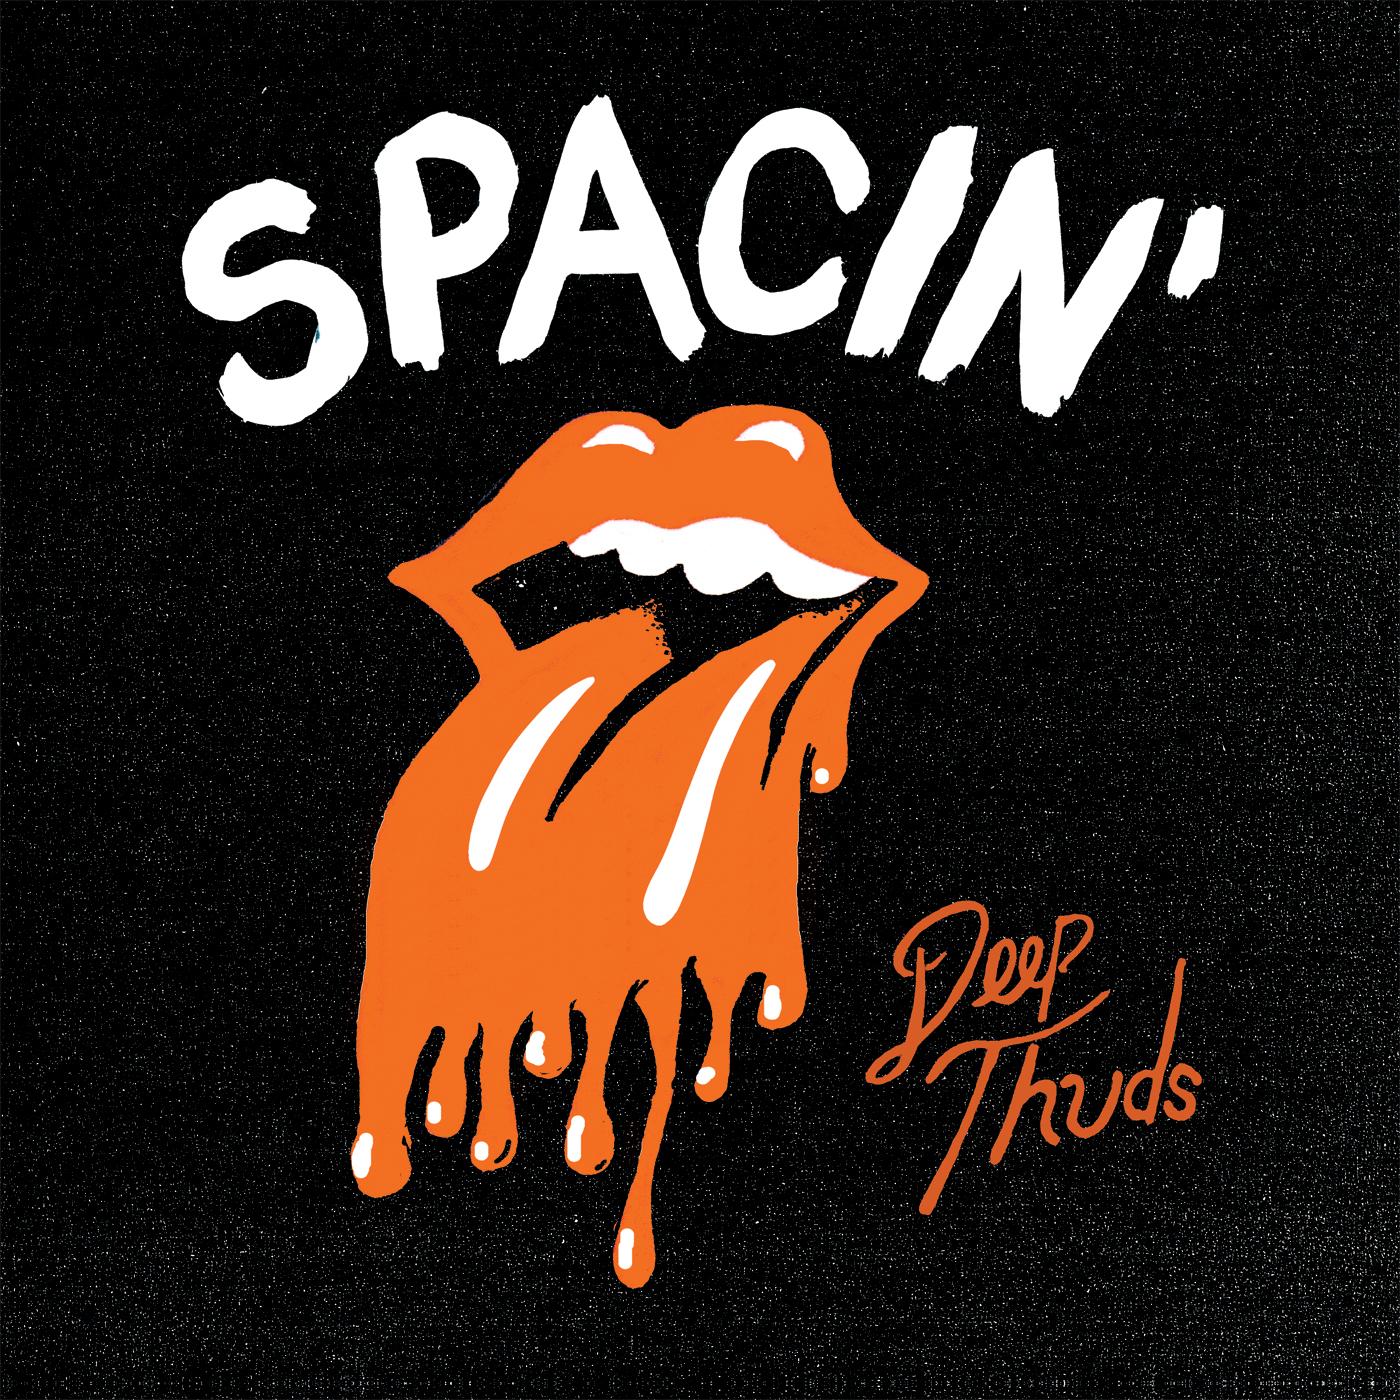 Spacin'